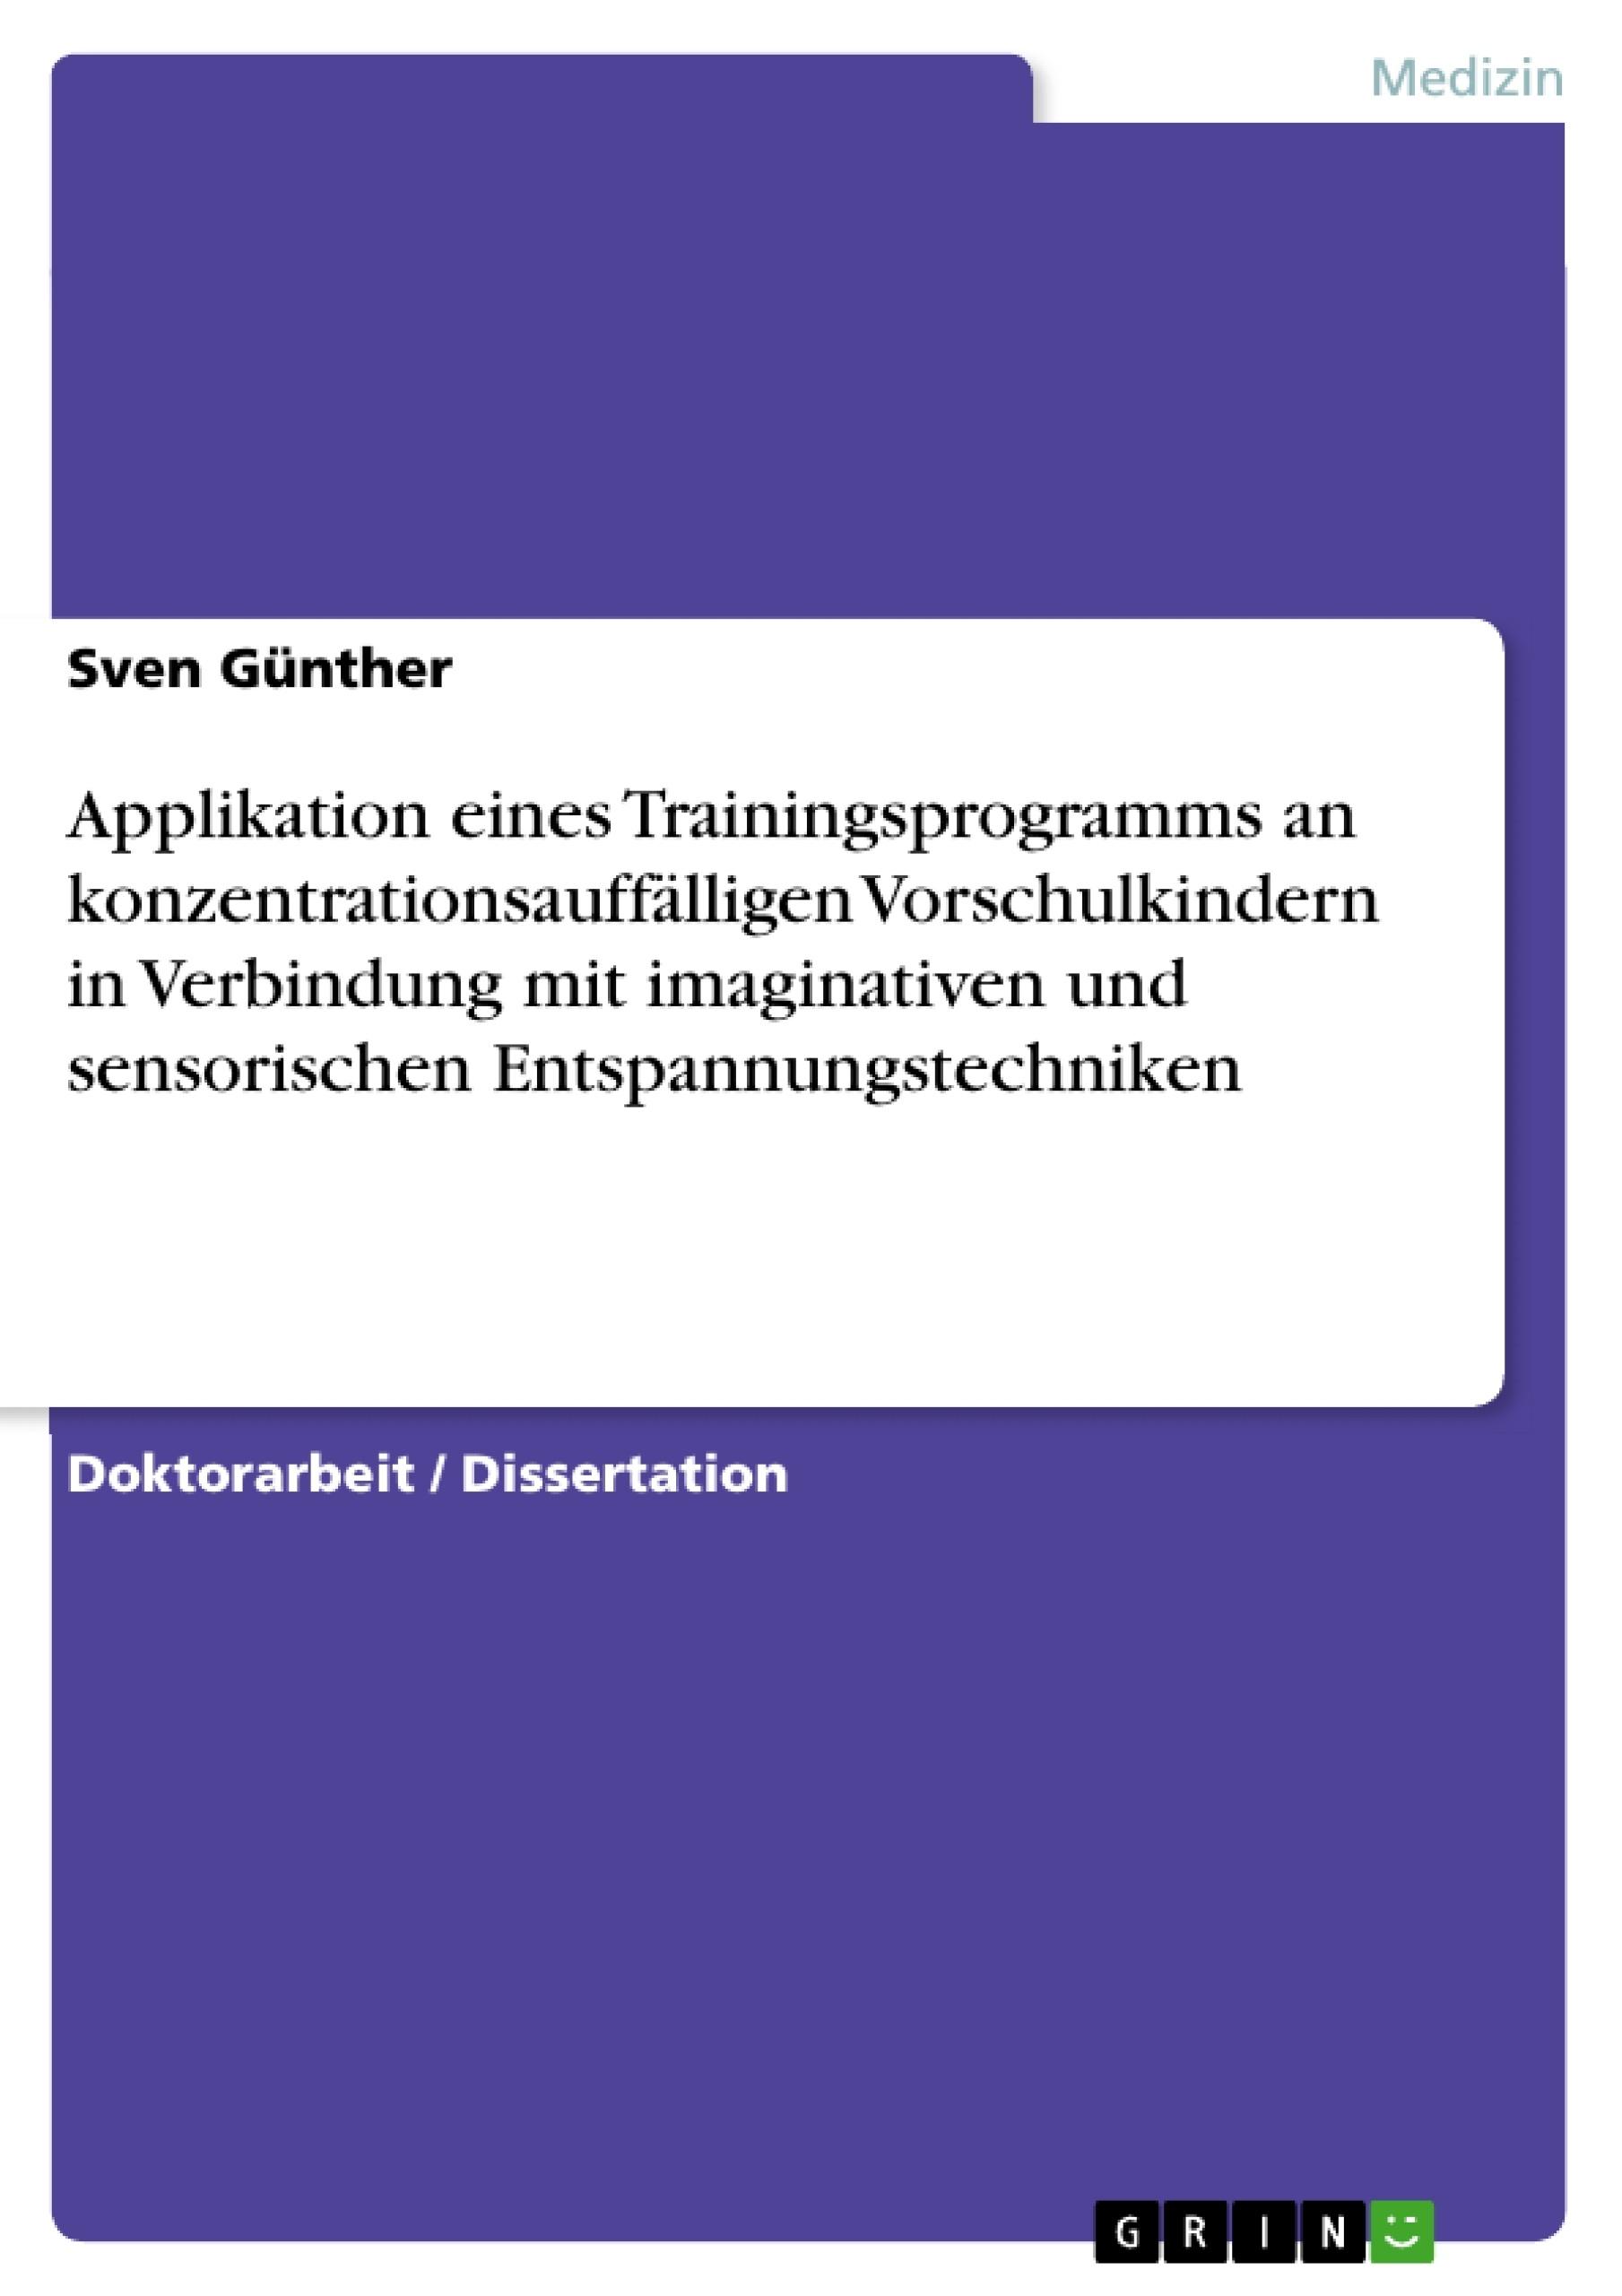 Titel: Applikation eines Trainingsprogramms an konzentrationsauffälligen Vorschulkindern  in Verbindung mit imaginativen und sensorischen Entspannungstechniken